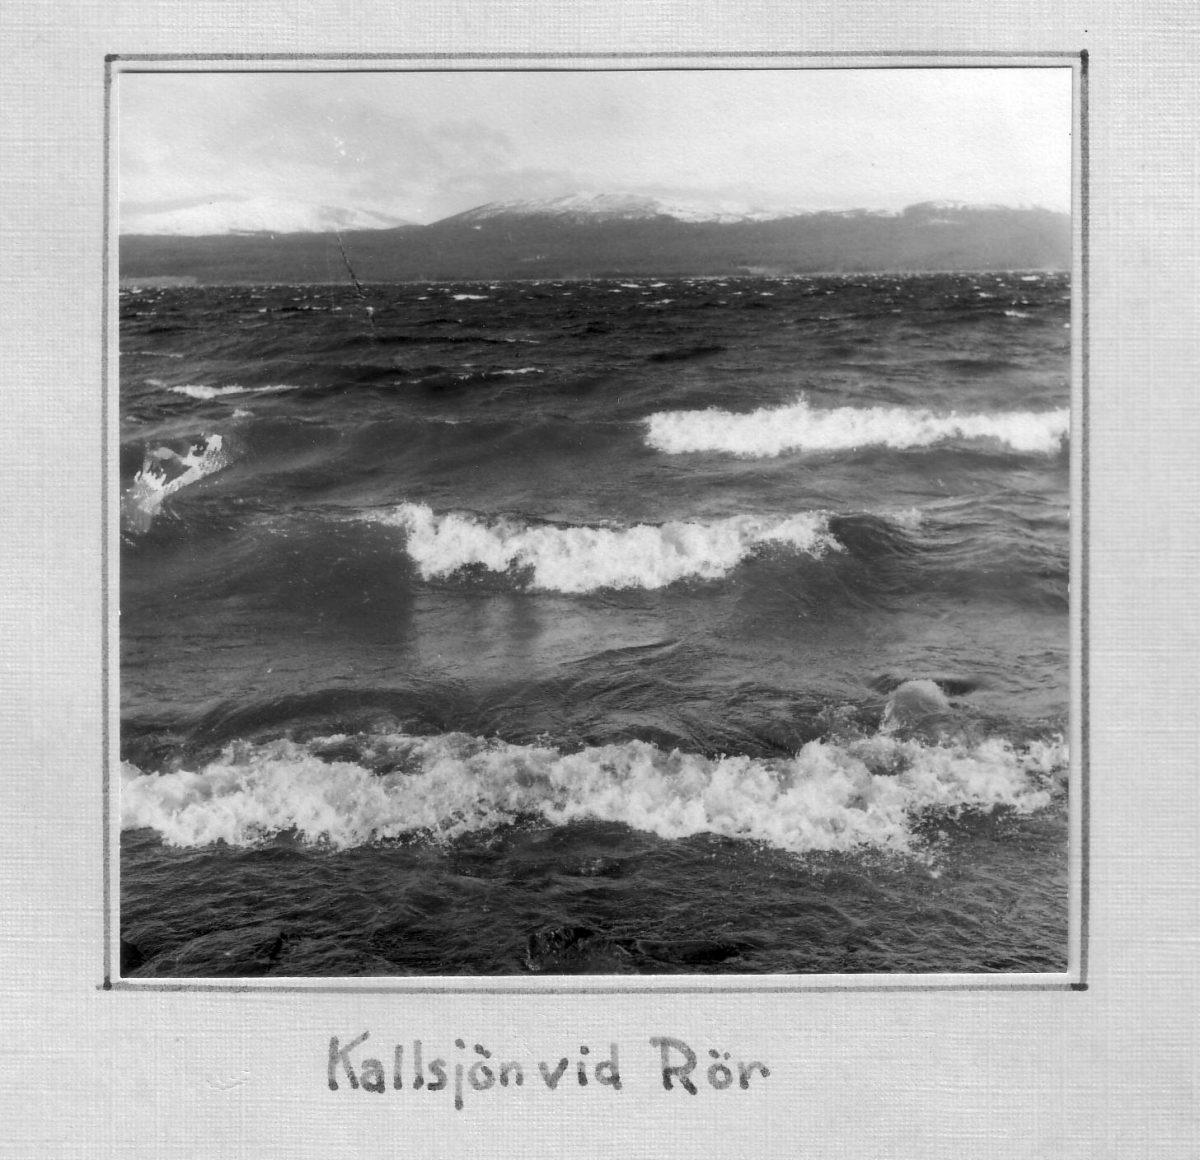 S.17 Kallsjön vid Rör